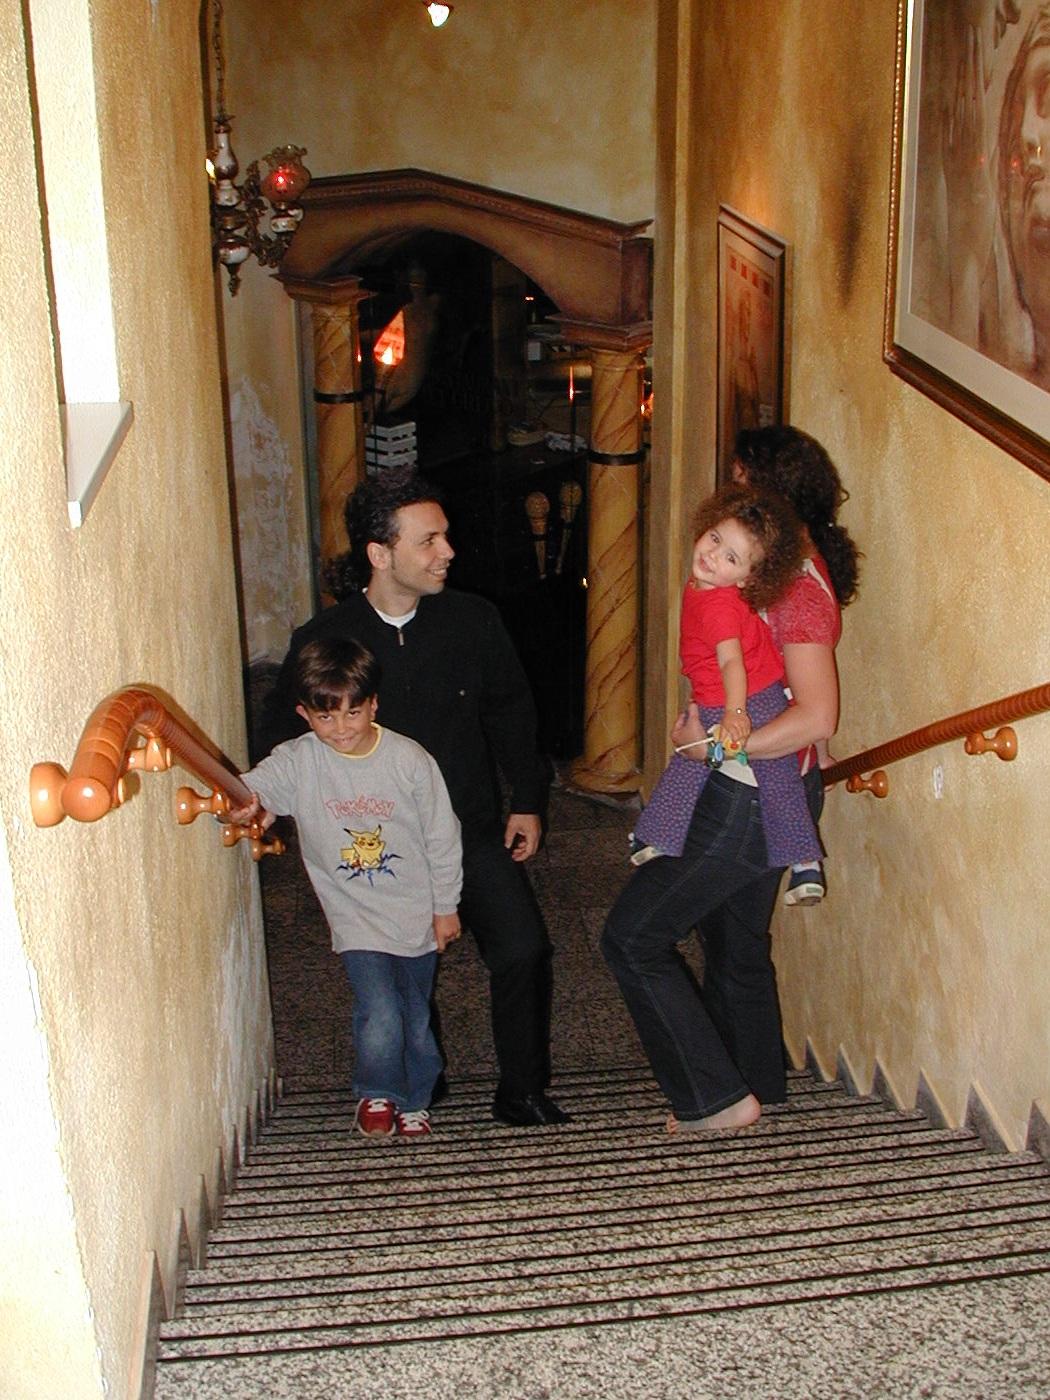 Vorbildlich ausgestatteter Abgang zu einem Griechischen Restaurant in Neusäß, Trittstufenmarkierungen, rutschsicherer Belag und beidseitig griffsichere Handläufe, welche über Stufenanfang- und ende geführt sind.